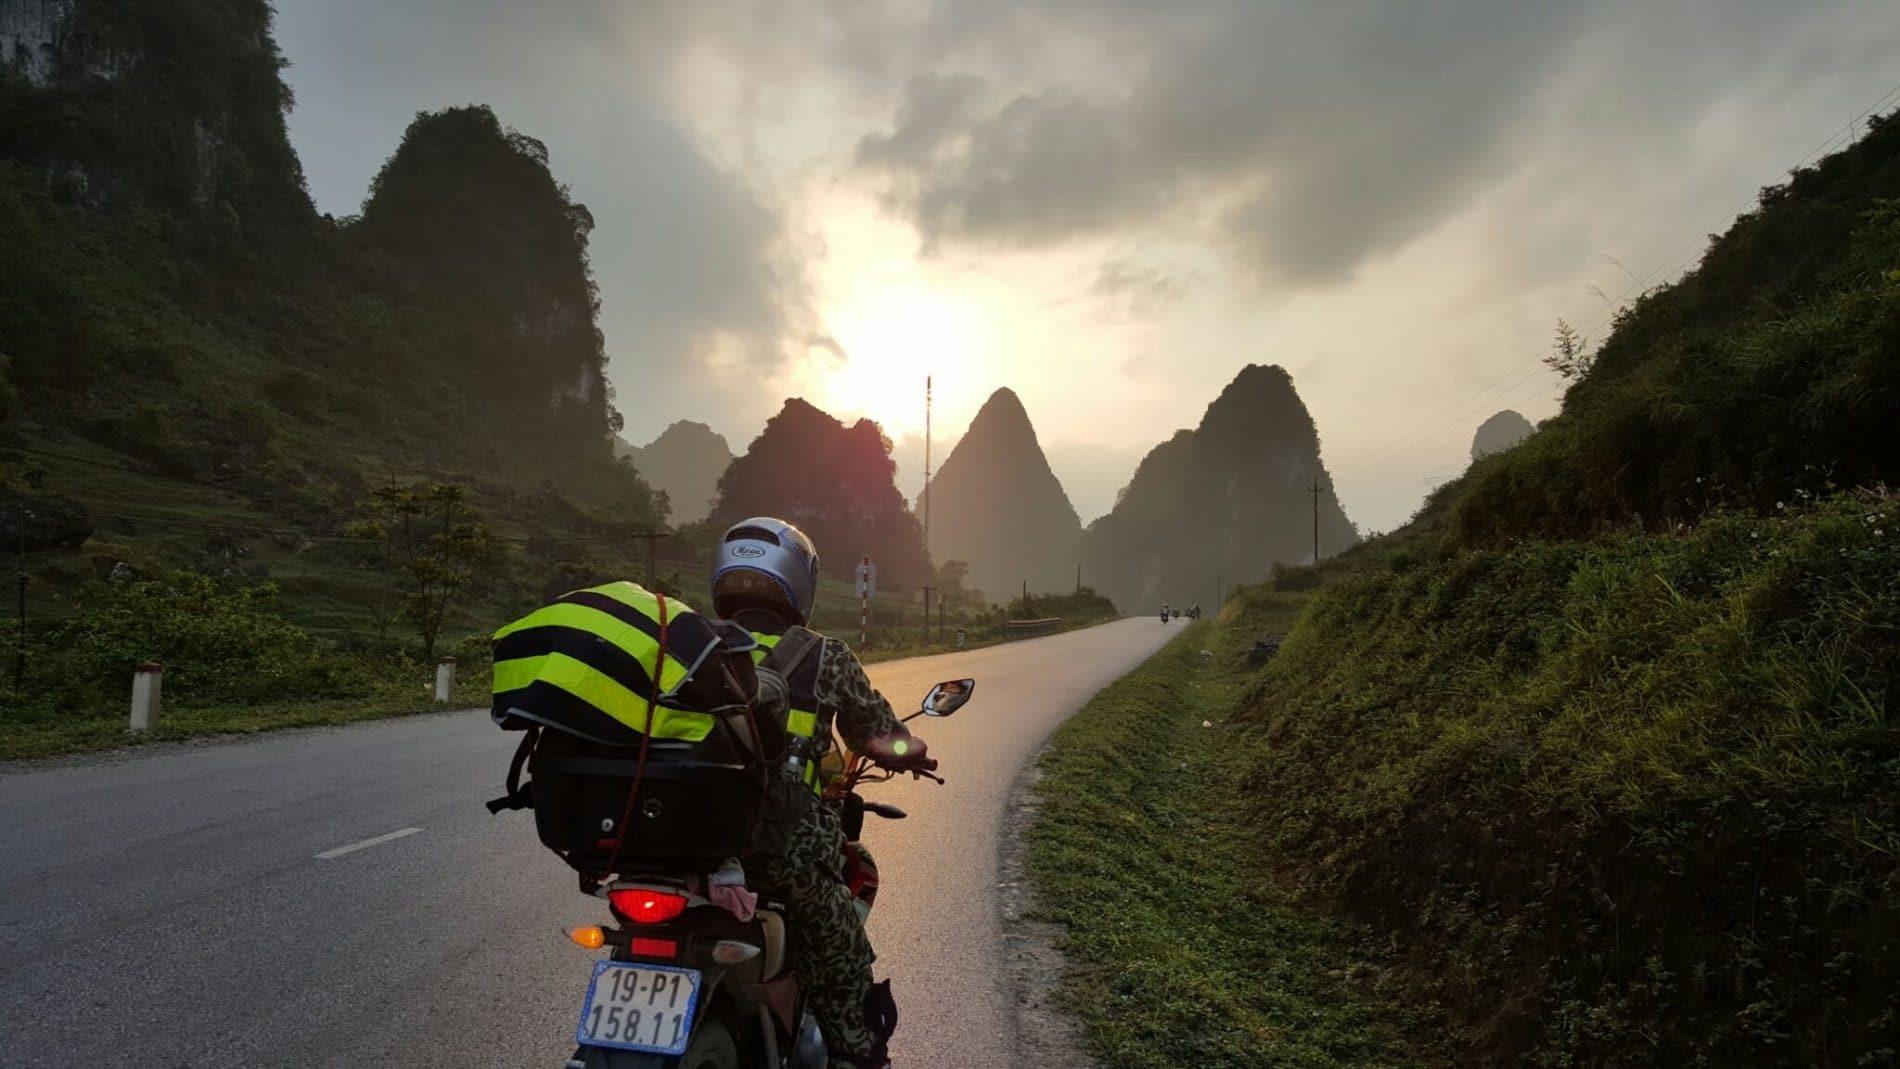 Du lịch Sapa 3 ngày 2 đêm bằng xe máy